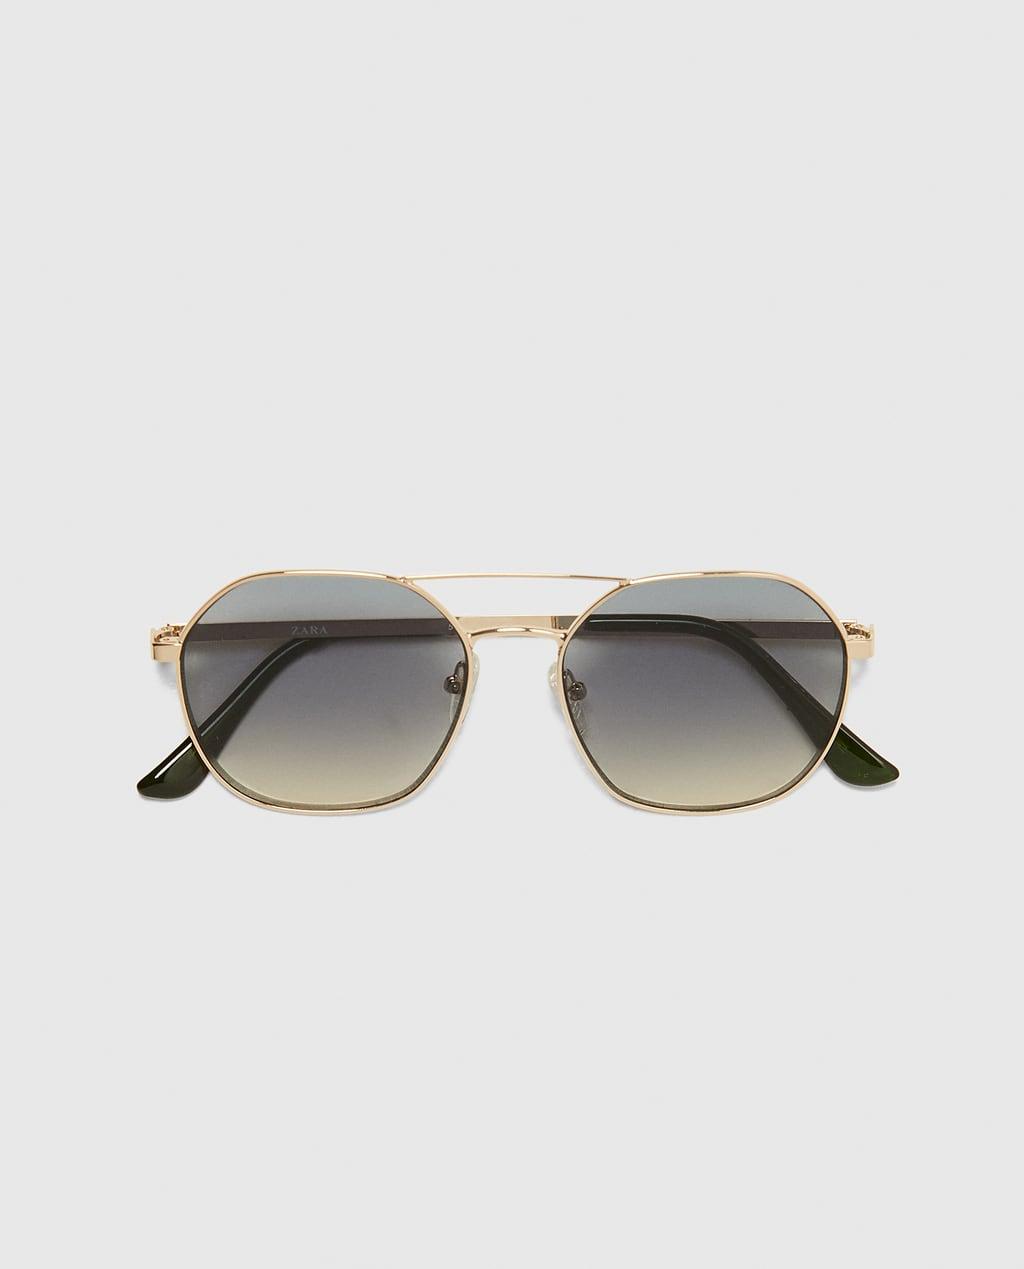 c13b8eae73 gafas de sol mujer falabella